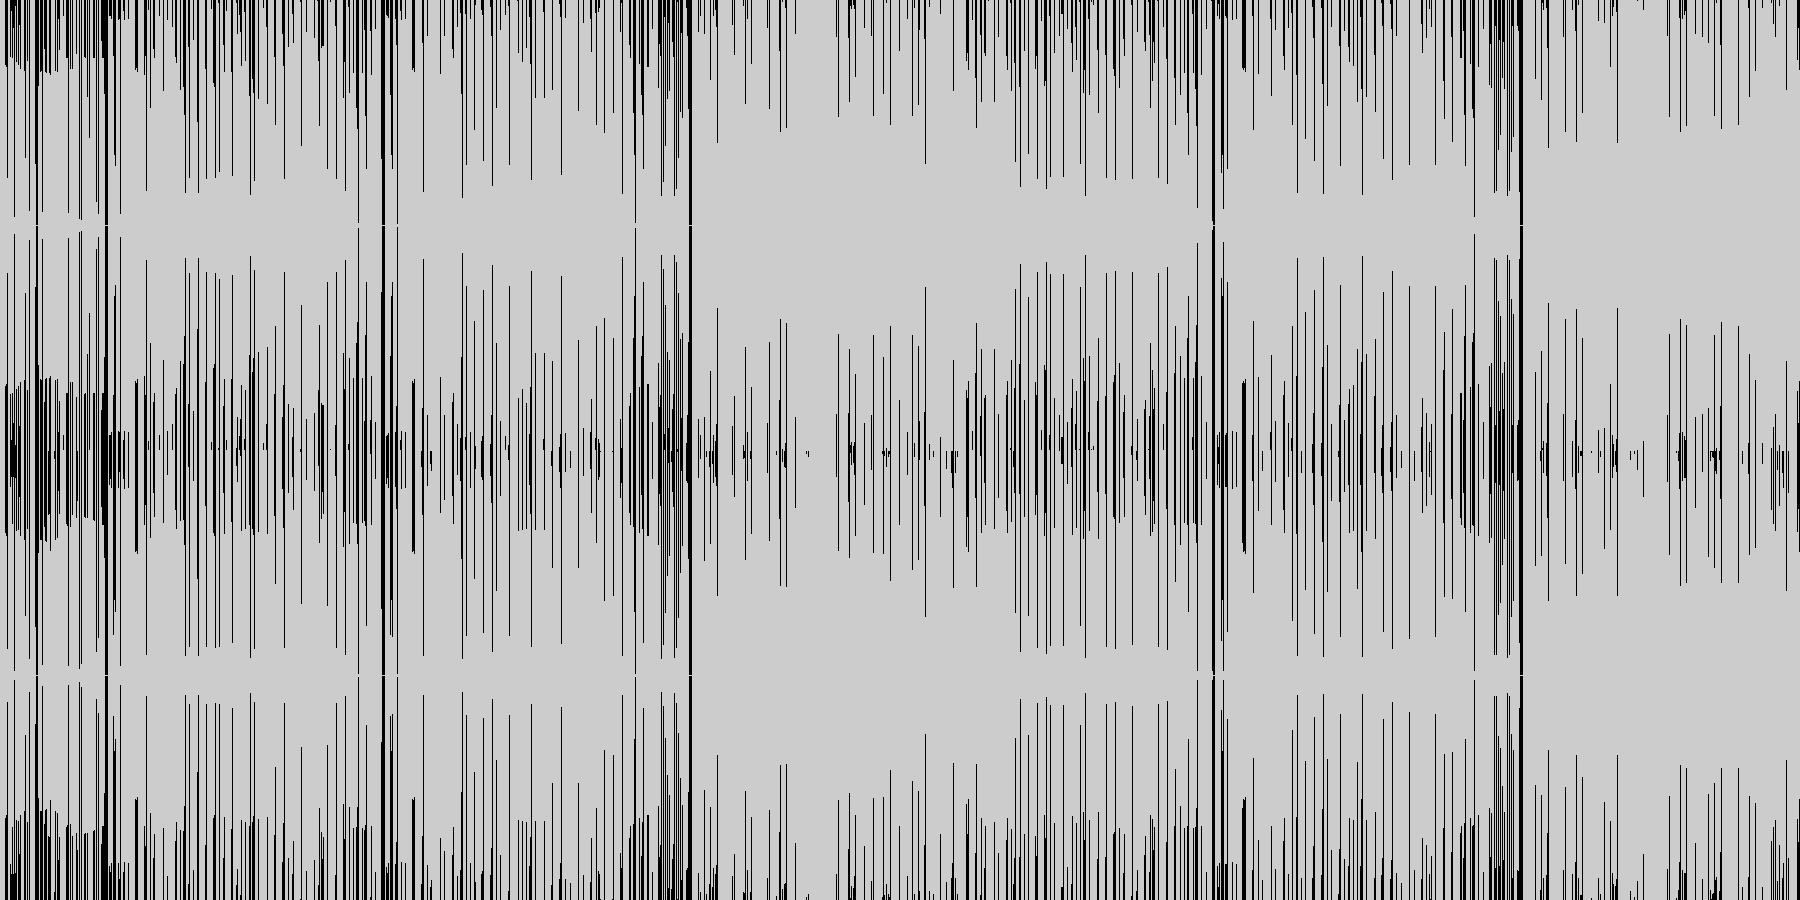 わくわくするチップチューン バラエティーの未再生の波形